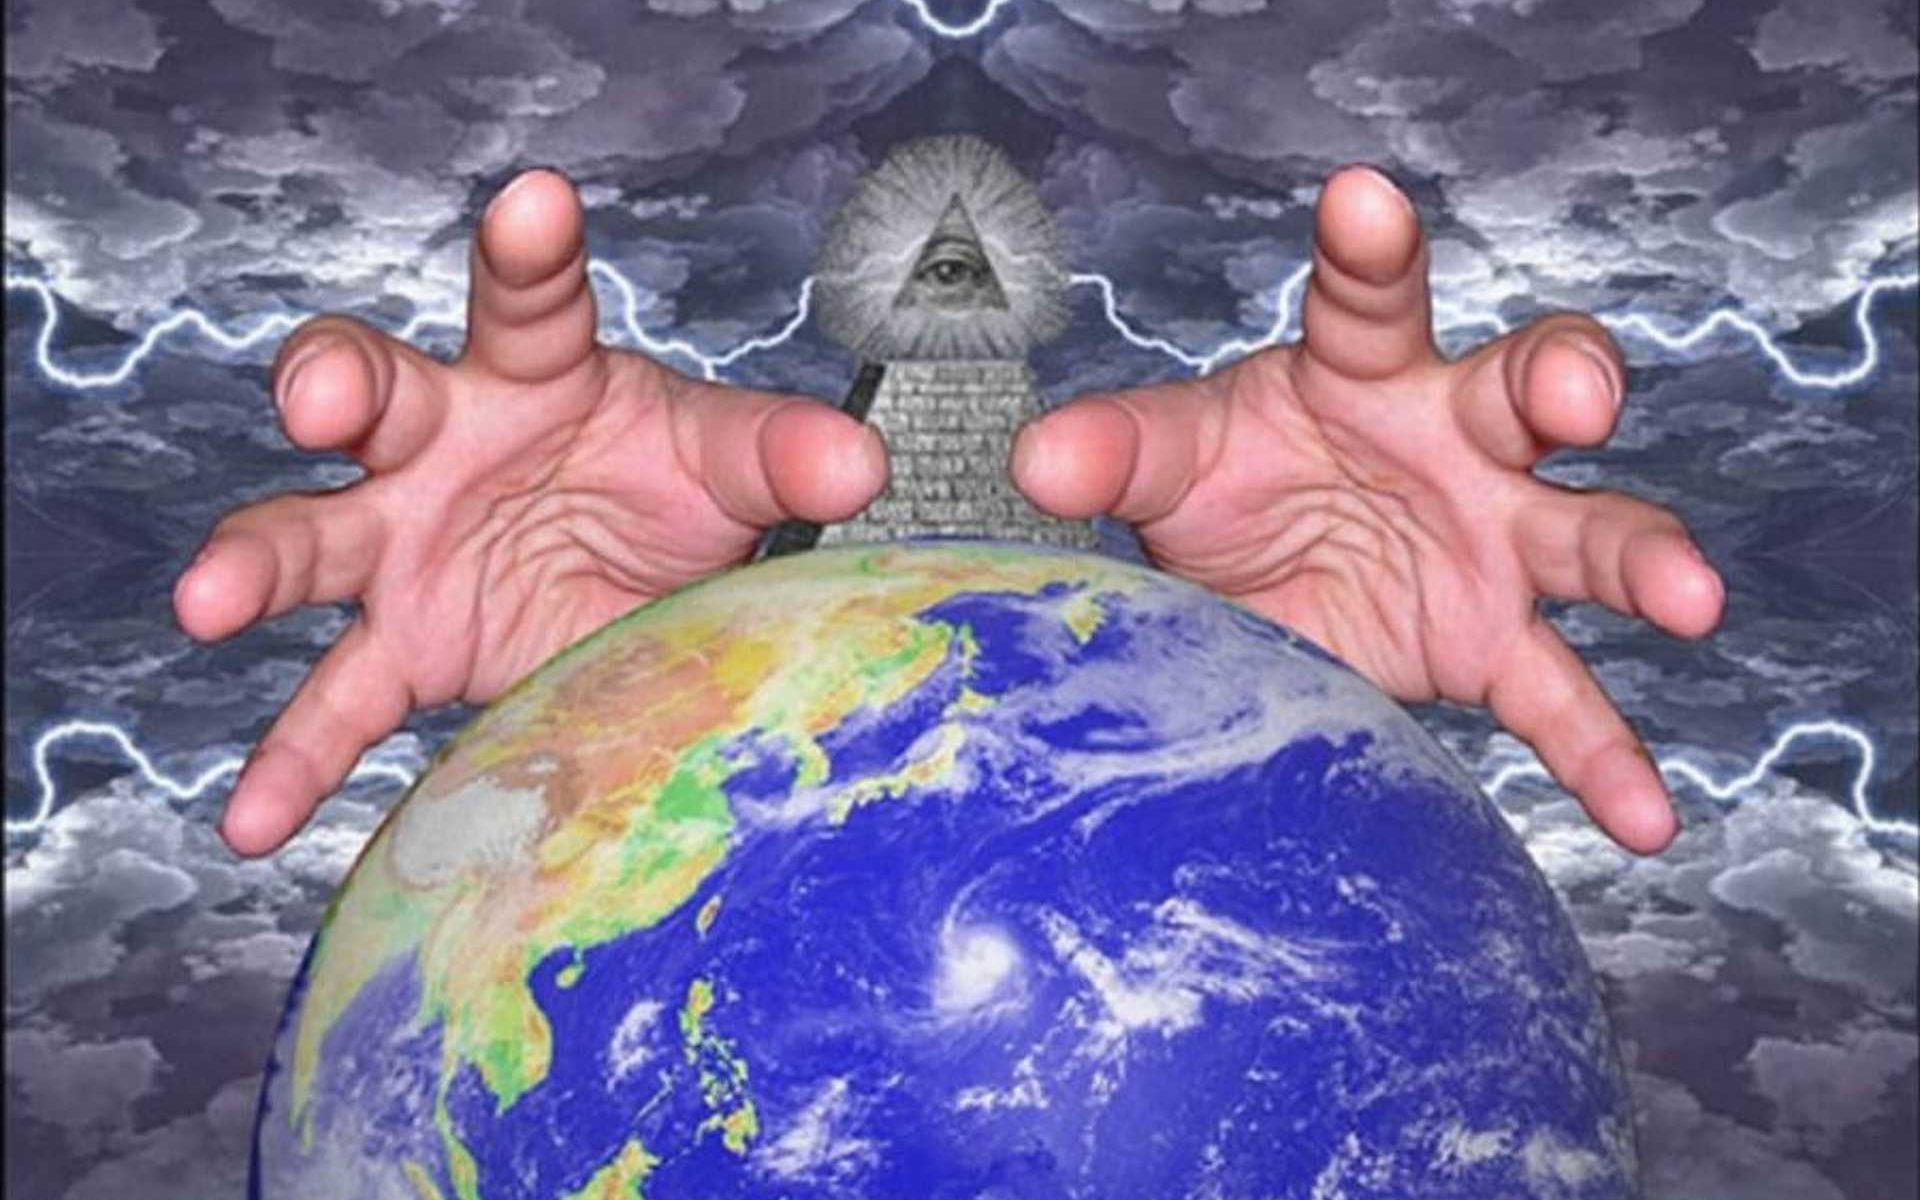 ПОСЛЕДНИЙ БОЙ ЛИБЕРАЛОВ: СРЕДИ ВРАГОВ УЖЕ НЕ ТОЛЬКО РОССИЯ